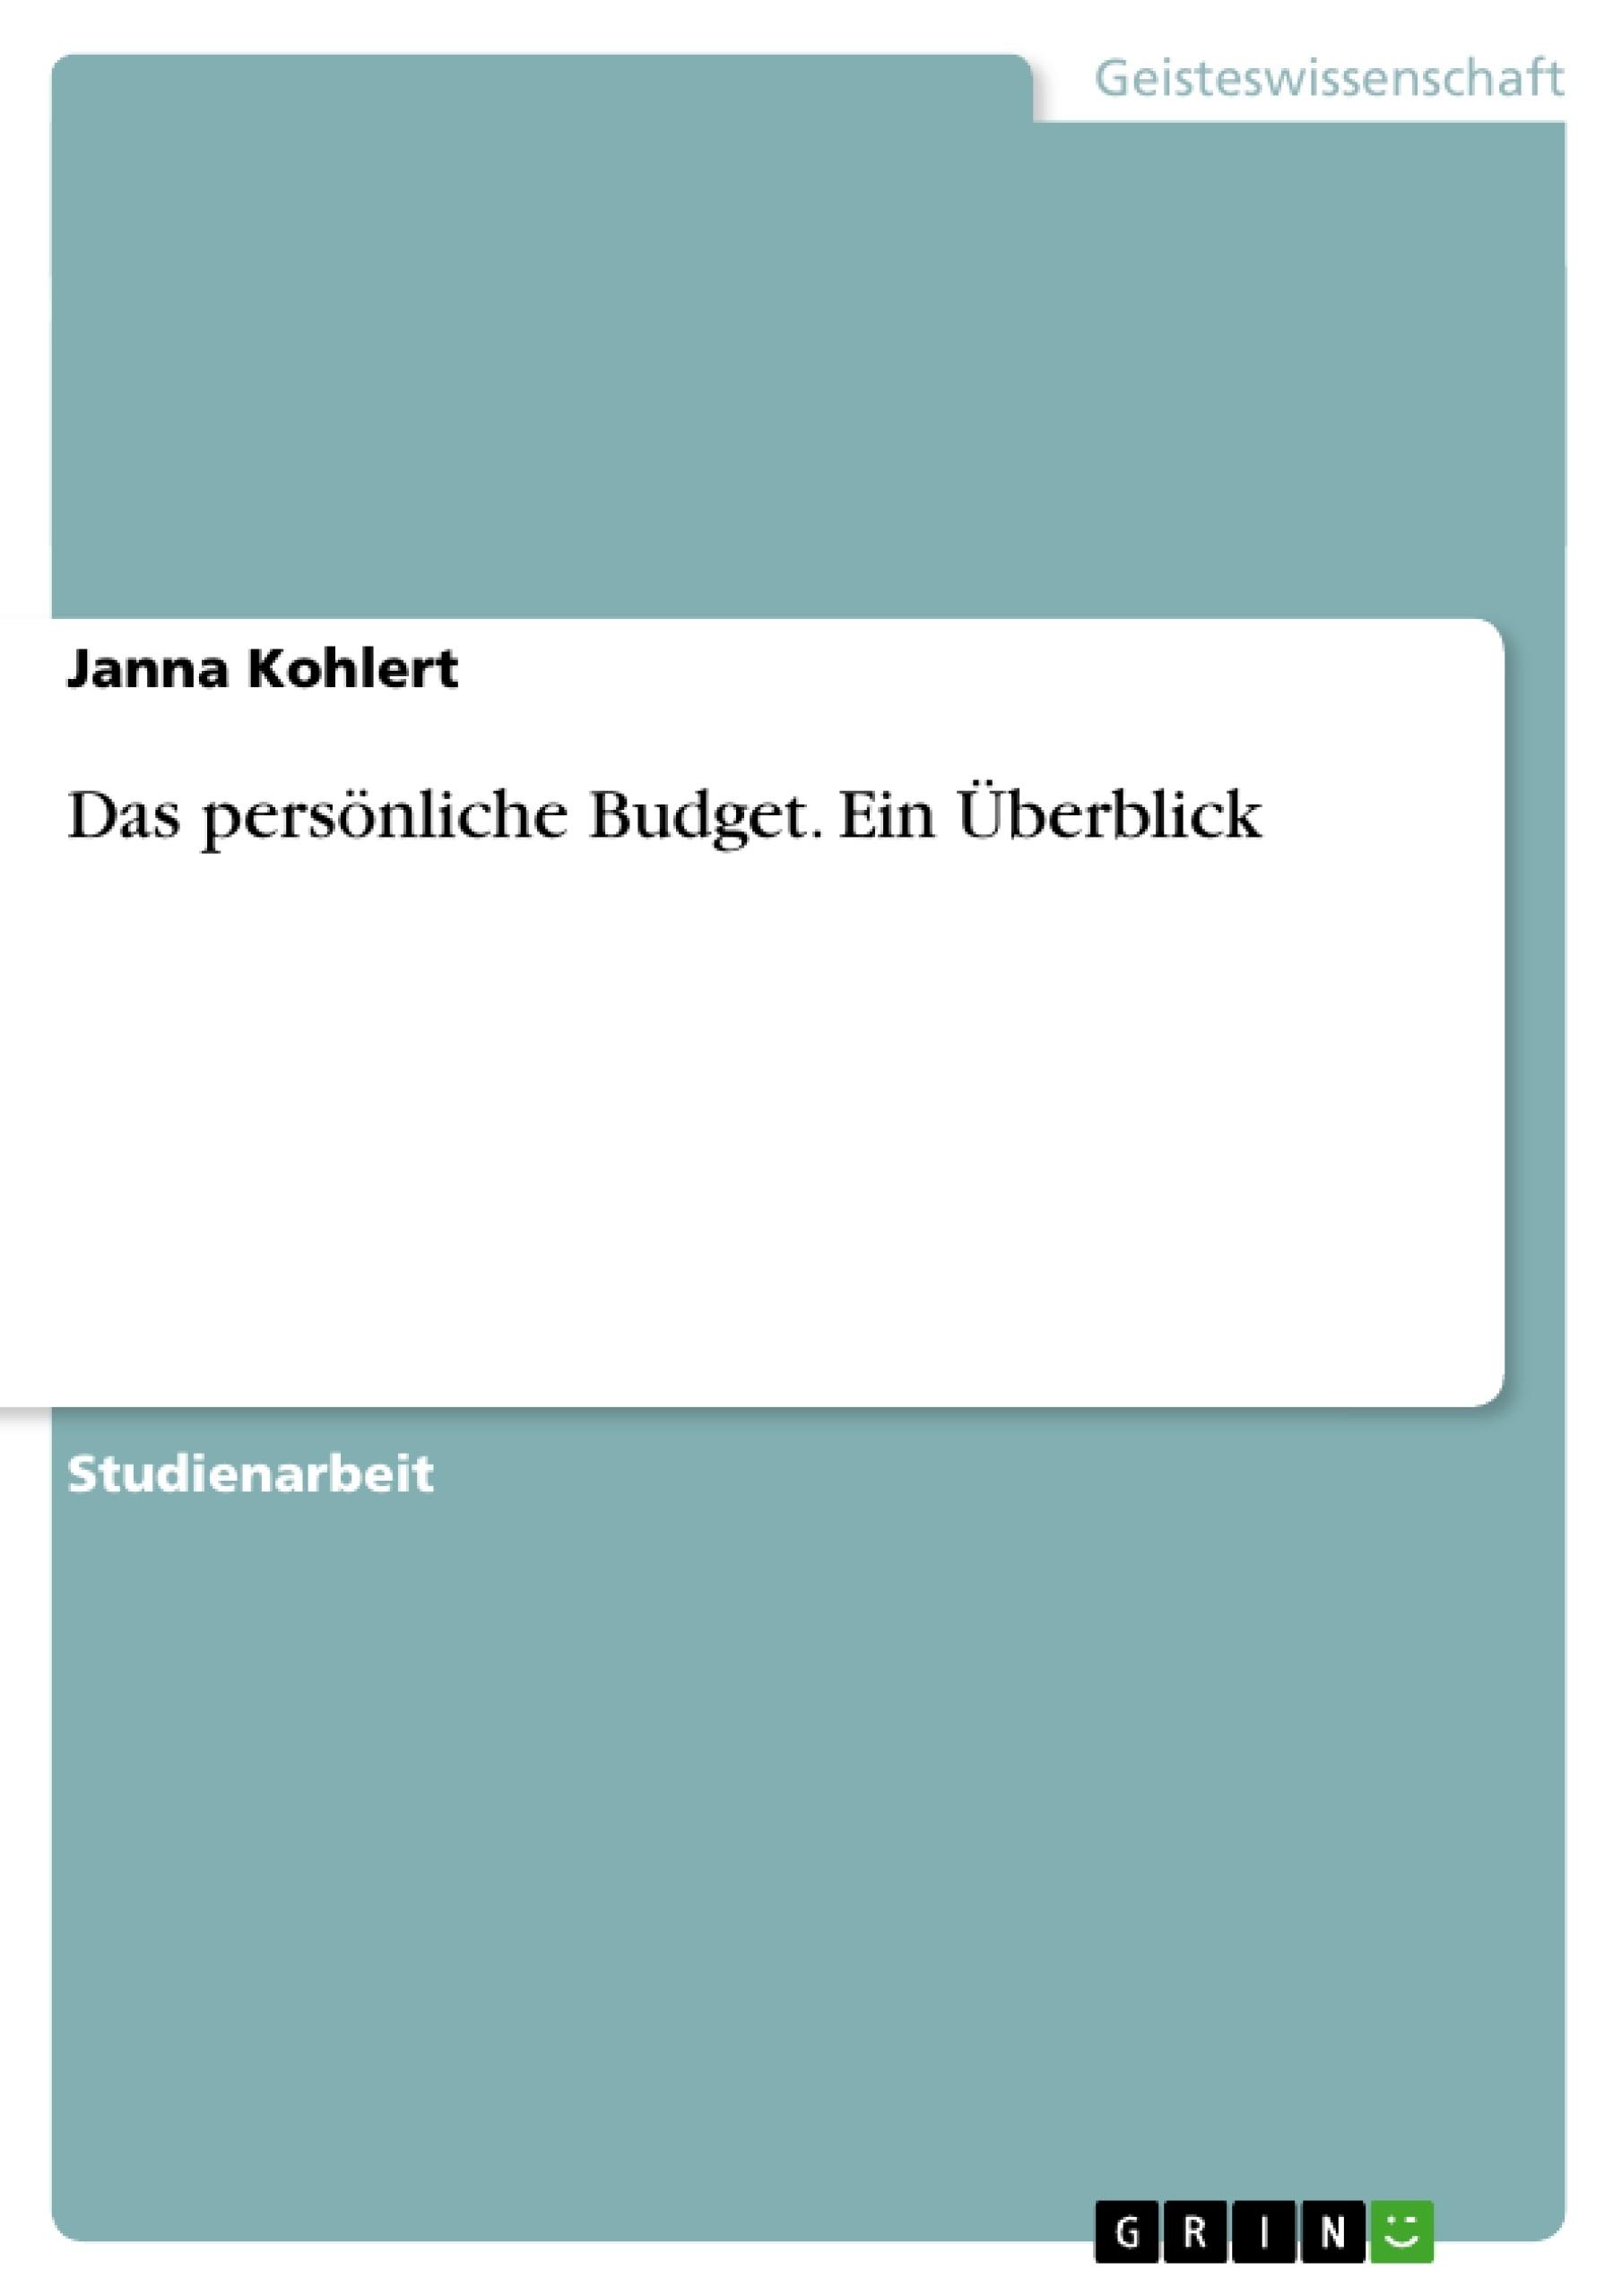 Titel: Das persönliche Budget. Ein Überblick